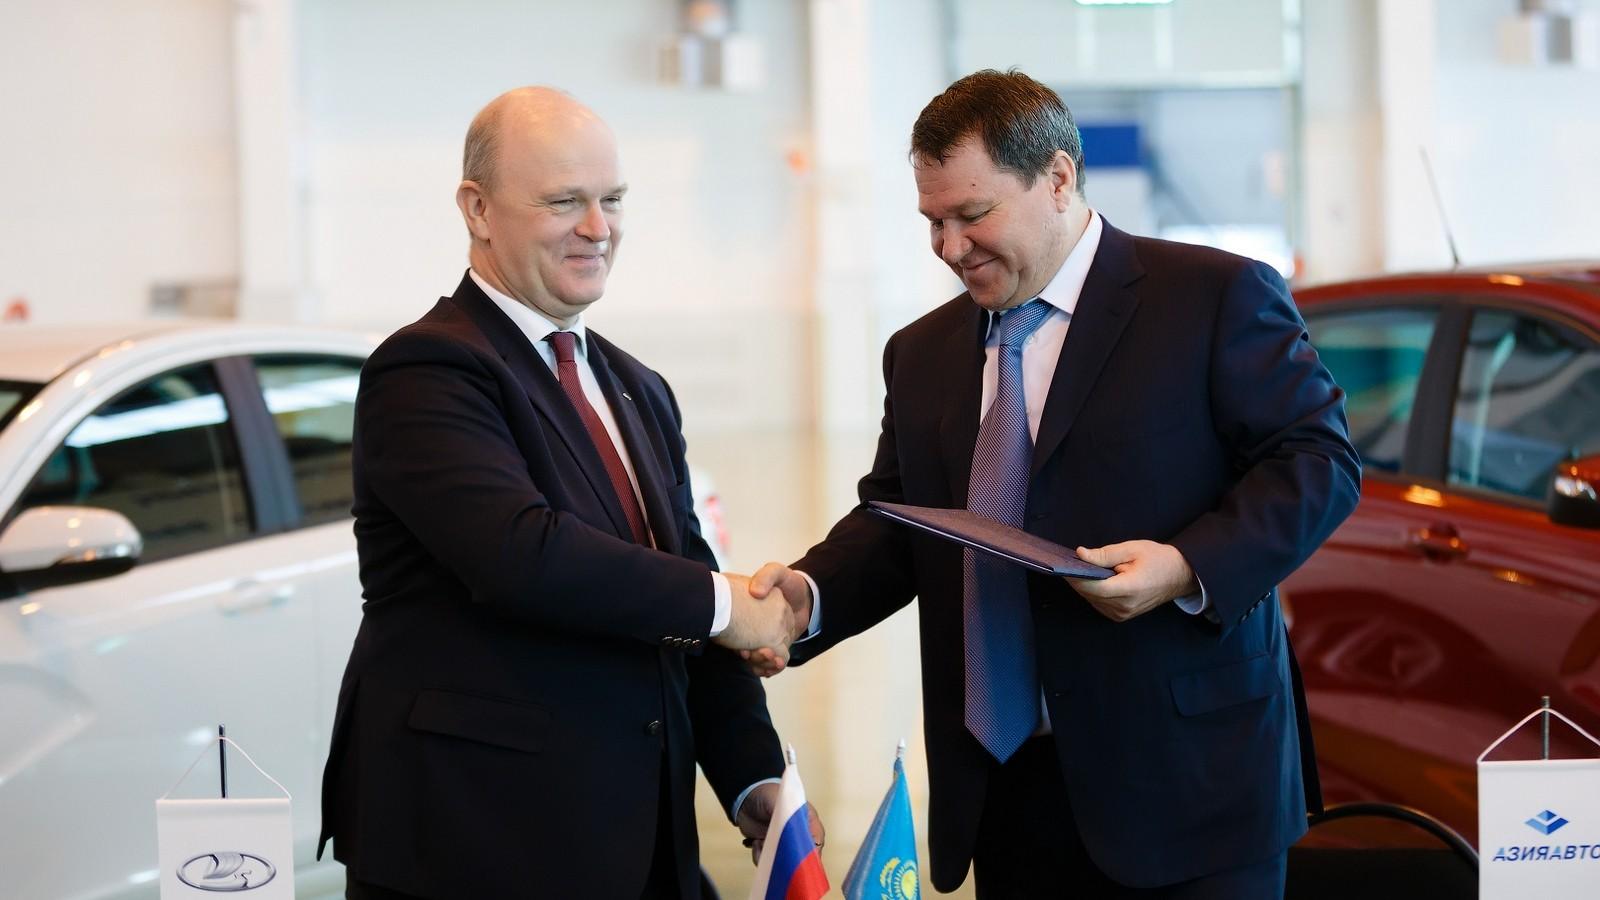 На фото: Николя Мор, президент АВТОВАЗа, и Анатолий Балушкин, президент холдинга «БИПЭК АВТО – Азия Авто»